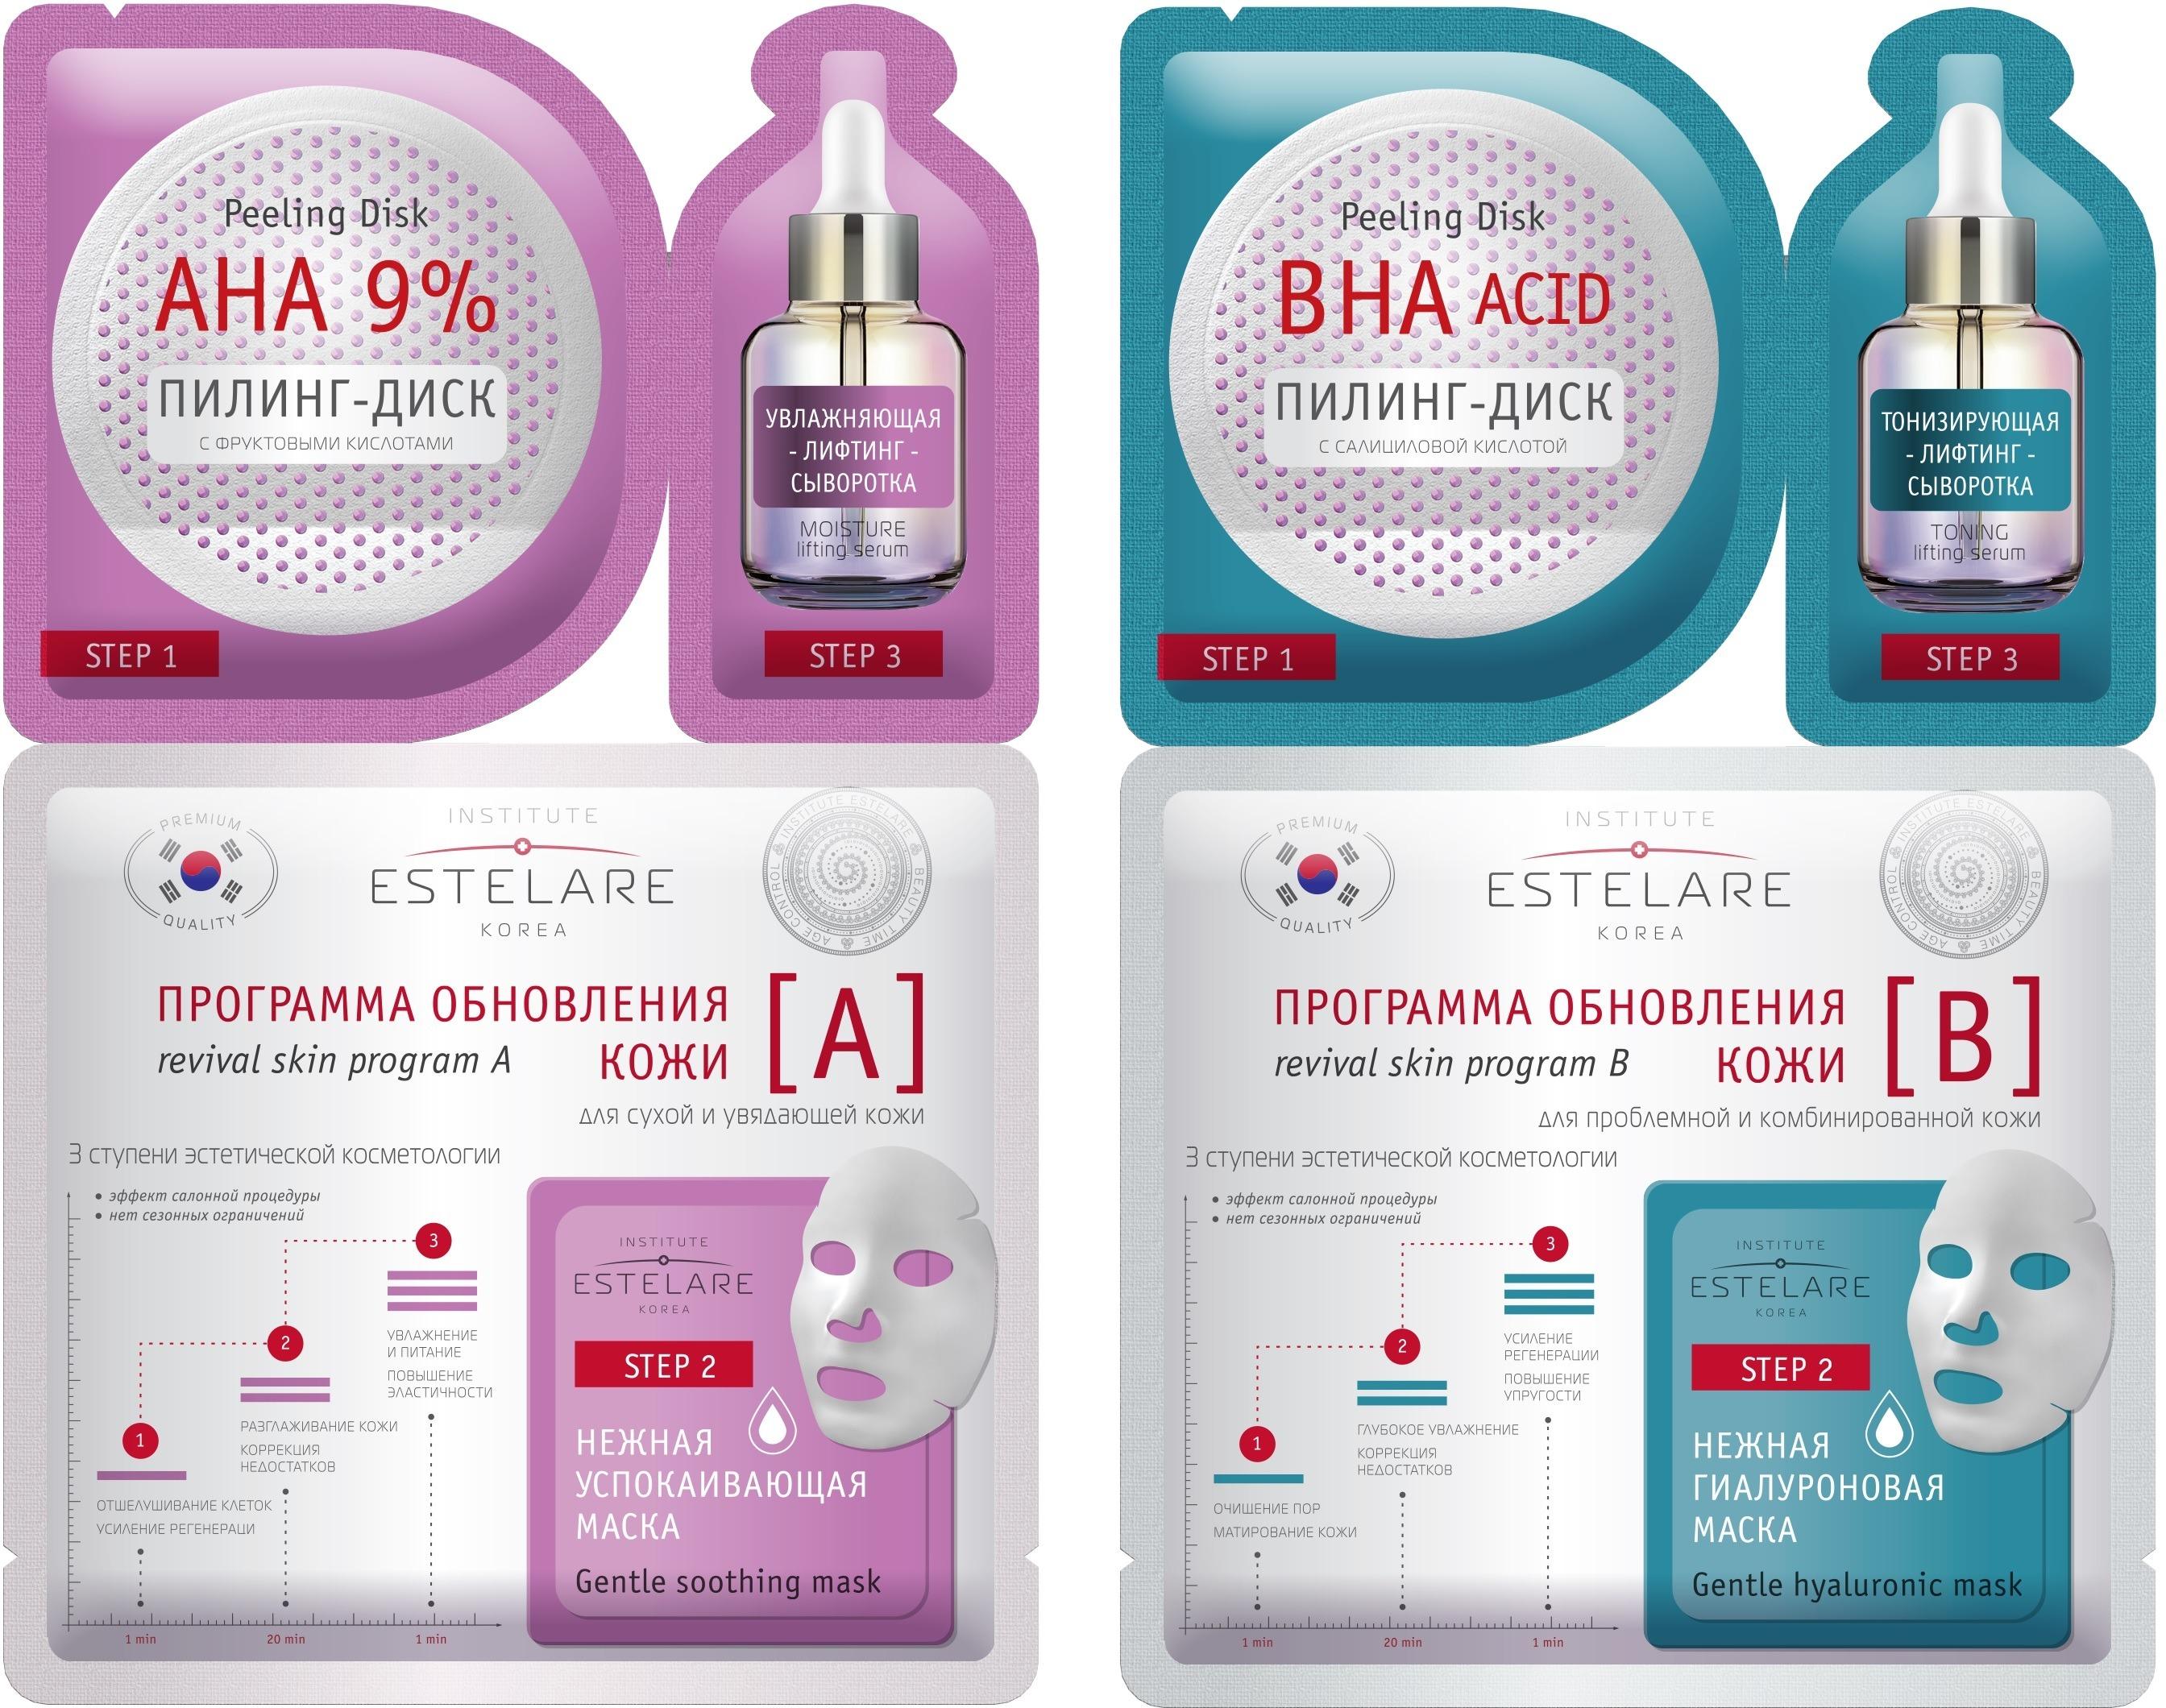 Estelare Revival Skin ProgramЭкспресс восстановление всего за несколько минут в день вместе с интенсивной программой Revival Skin Program от корейского бренда Estelare. Трехуровневая программа включает в себя комплекс мер по очищению, питанию и регенерированию клеток. Помогает устранить наиболее распространенные кожные несовершенства, эффективно борется с возрастными изменениями и подходит для любой возрастной категории. В составе программы очищающий пилинг &amp;ndash; диск, ухаживающая маска и высококонцентрированная сыворотка. Каждое из средств активно ухаживает за кожей и стимулирует процессы восстановления.<br><br>01 А с АНА-кислотами для сухой и увядающей кожи &amp;ndash; поможет восстановить уставшую и увядающую кожу лица. Эффективно борется с отечностью, пигментацией и локальными высыпаниями. Помогает сохранить идеально увлажненным кожный покров, предотвращая его обезвоживание и дряблость. Поддерживает тонус мышц и дарит коже гладкость и эластичность.<br><br>02 В с BHA-кислотой для проблемной и комбинированной кожи &amp;ndash; благодаря активным растительным компонентам средство помогает устранить черные точки, воспаления и жирность кожи. Сужает расширенные поры, предотвращает образование шелушений и сухости. Помогает защитить клетки от преждевременного старения. Тонизирует уставшую кожу, деликатно выравнивает тон и дарит коже цветущий и сияющий вид.<br><br>03 АВ с АНА+ ВНА-кислотами для всех типов кожи. Уникальный состав средства содержит коллагеновые волокна и растительные компоненты, которые эффективно устраняют сухость, тусклость и шелушение. Эффективно борются с морщинками, уменьшая их выраженность и глубину, помогают вернуть коже гладкость, эластичность и матовость.<br><br>&amp;nbsp;<br><br>Объём: 28 гр.<br><br>&amp;nbsp;<br><br>Способ применения:<br><br>Шаг1: очистите кожу при помощи пилинг &amp;ndash; диска.<br><br>Шаг2: нанесите на сухую кожу лица тканевую маску, тщательно расправляя все складочки, оставьте на 20 - 25 минут. После чего аккуратно удал